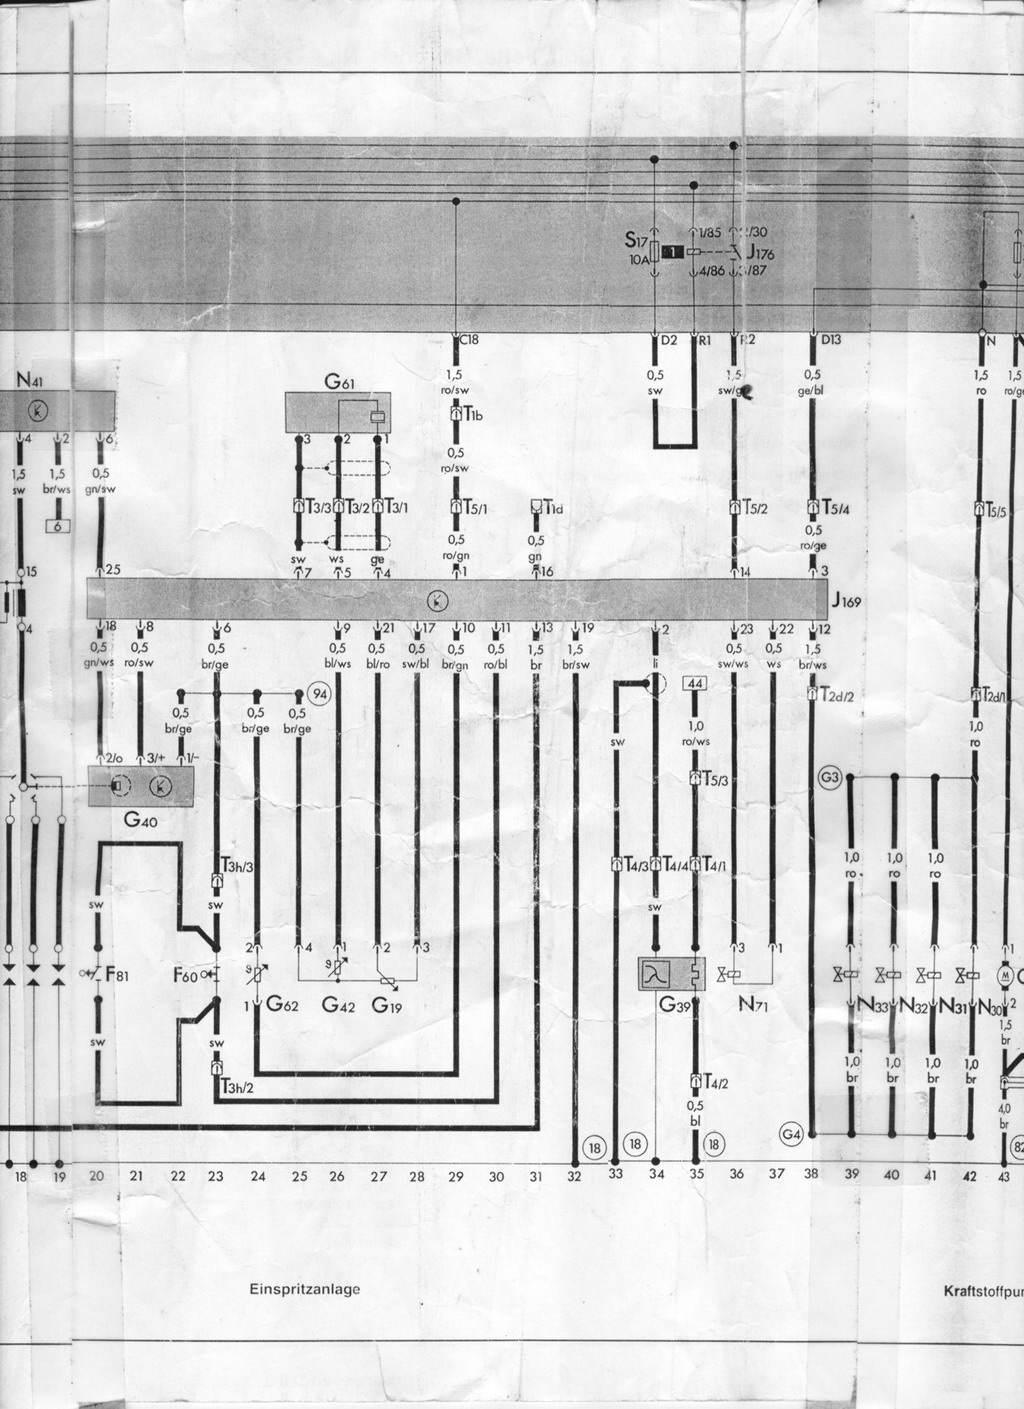 Tolle Ge Schaltplan Ideen - Elektrische Schaltplan-Ideen ...